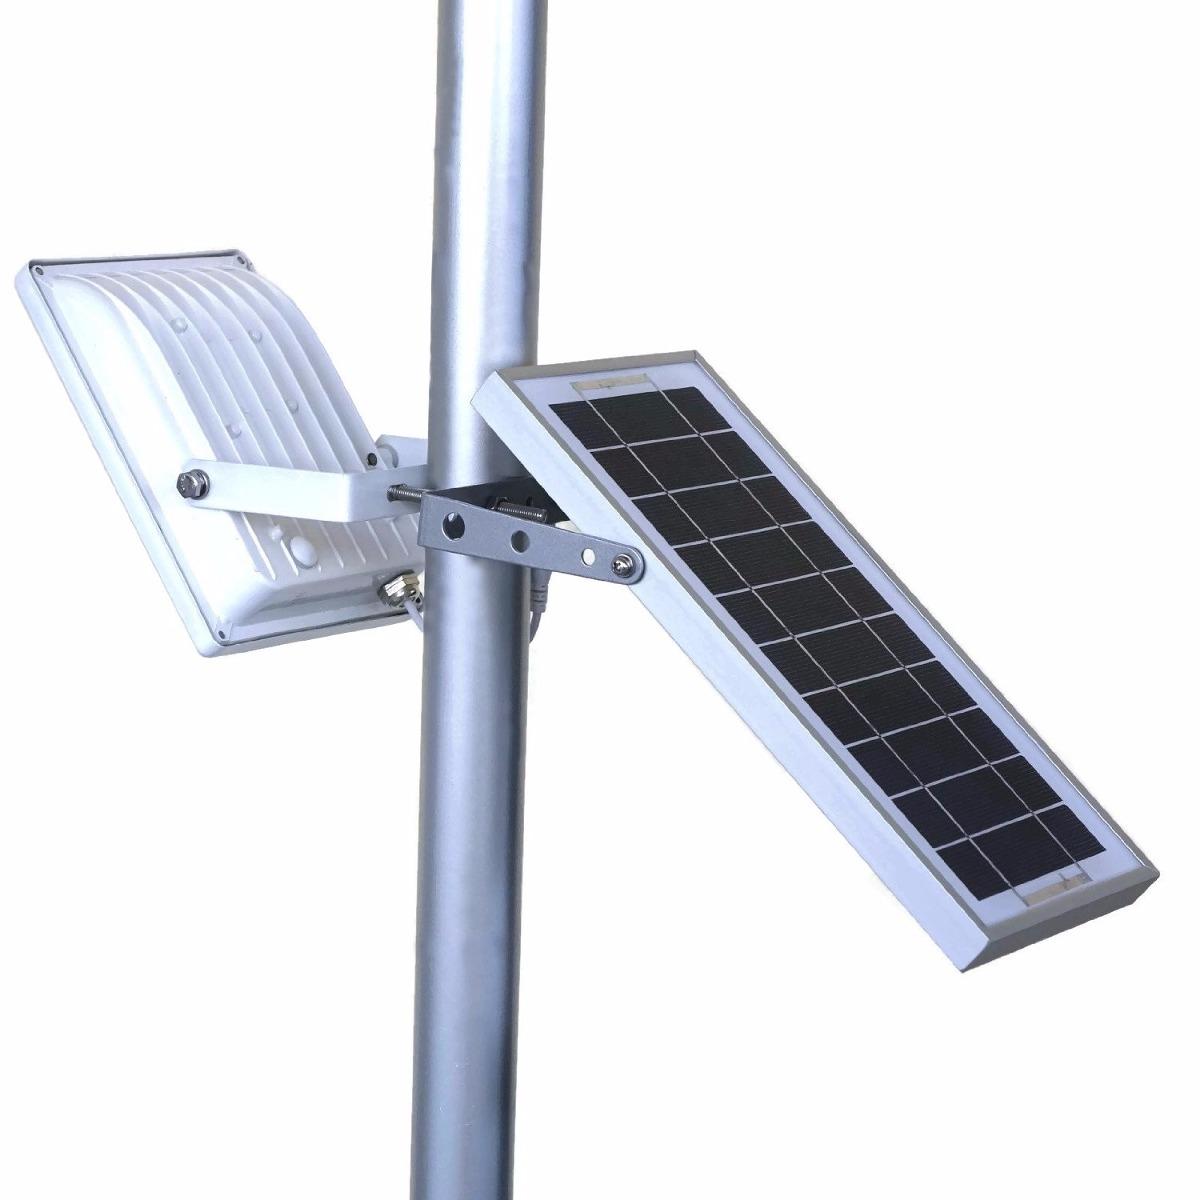 Lampara solar exterior alpha 600x 1 en mercado libre - Lampara solar exterior ...